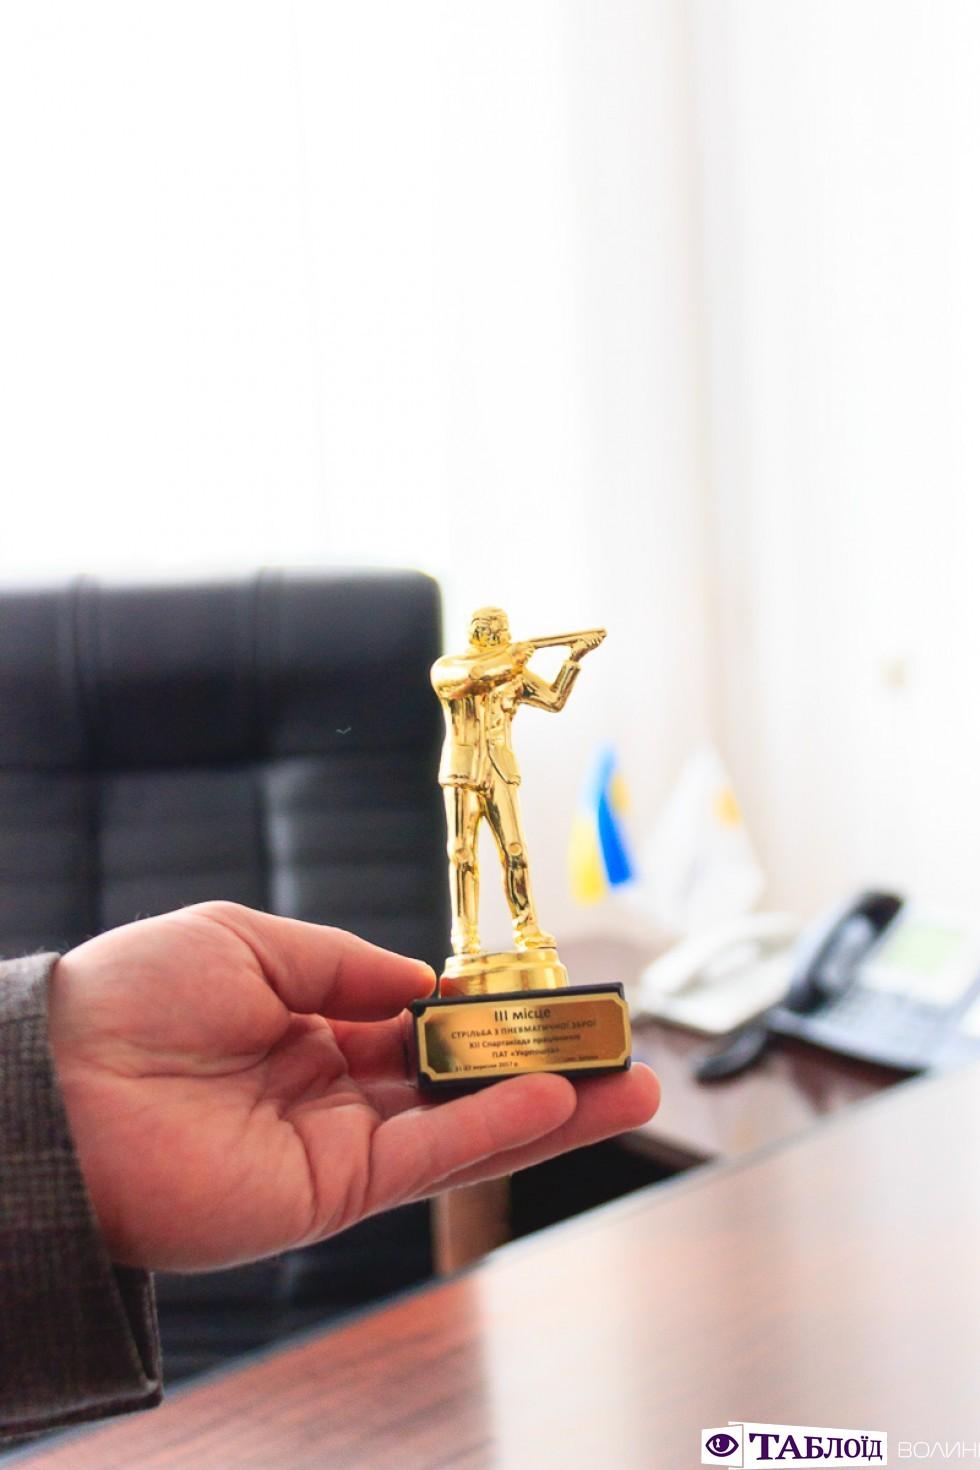 Нагорода за третє місце у всеукраїнській спартакіаді «поштовиків»